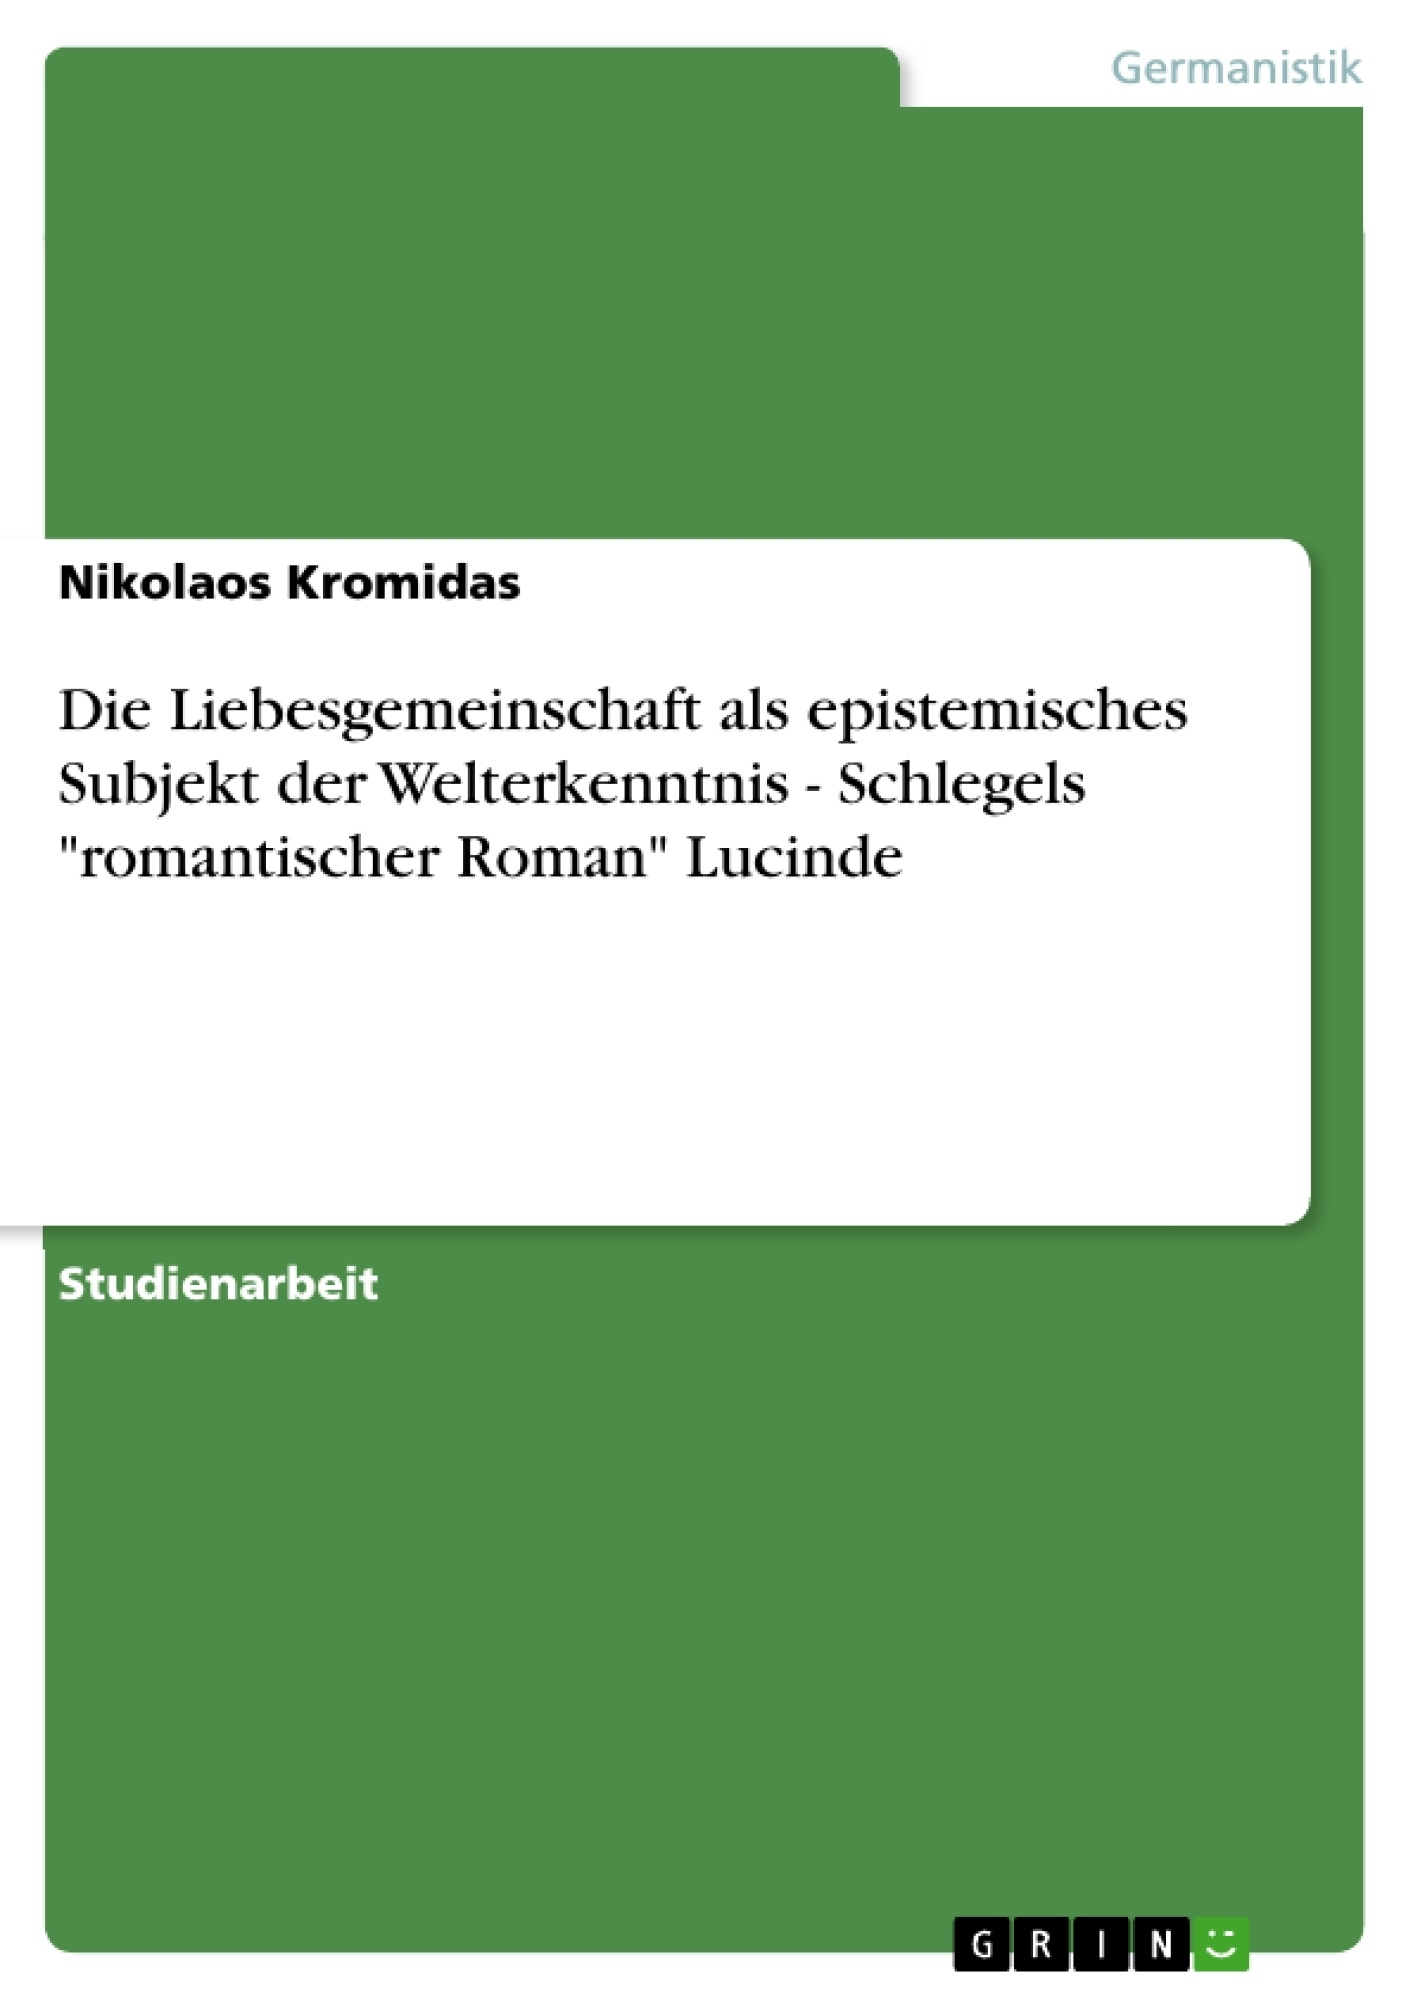 """Titel: Die Liebesgemeinschaft als epistemisches Subjekt der Welterkenntnis - Schlegels """"romantischer Roman"""" Lucinde"""